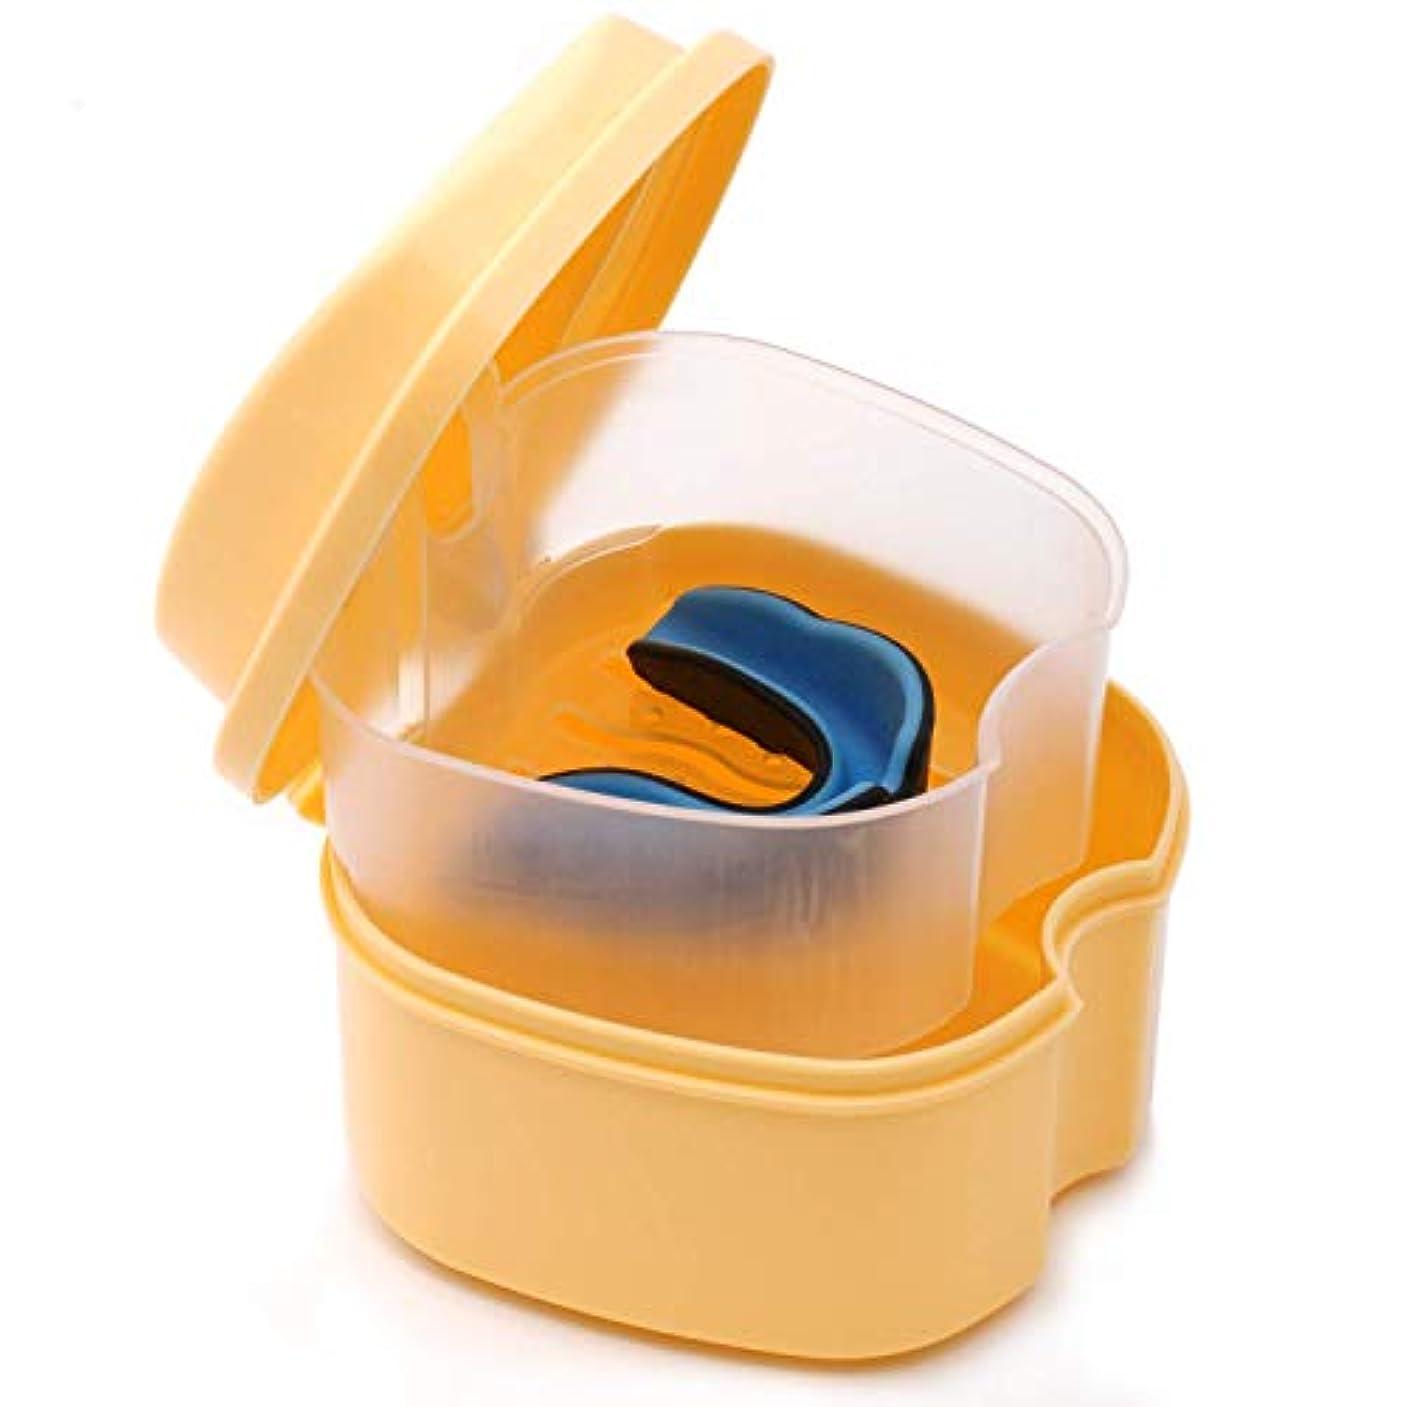 ゲートエッセンス研究所CoiTek 入れ歯ケース 義歯ケース 携帯 家庭旅行用 ストレーナー付き オレンジ